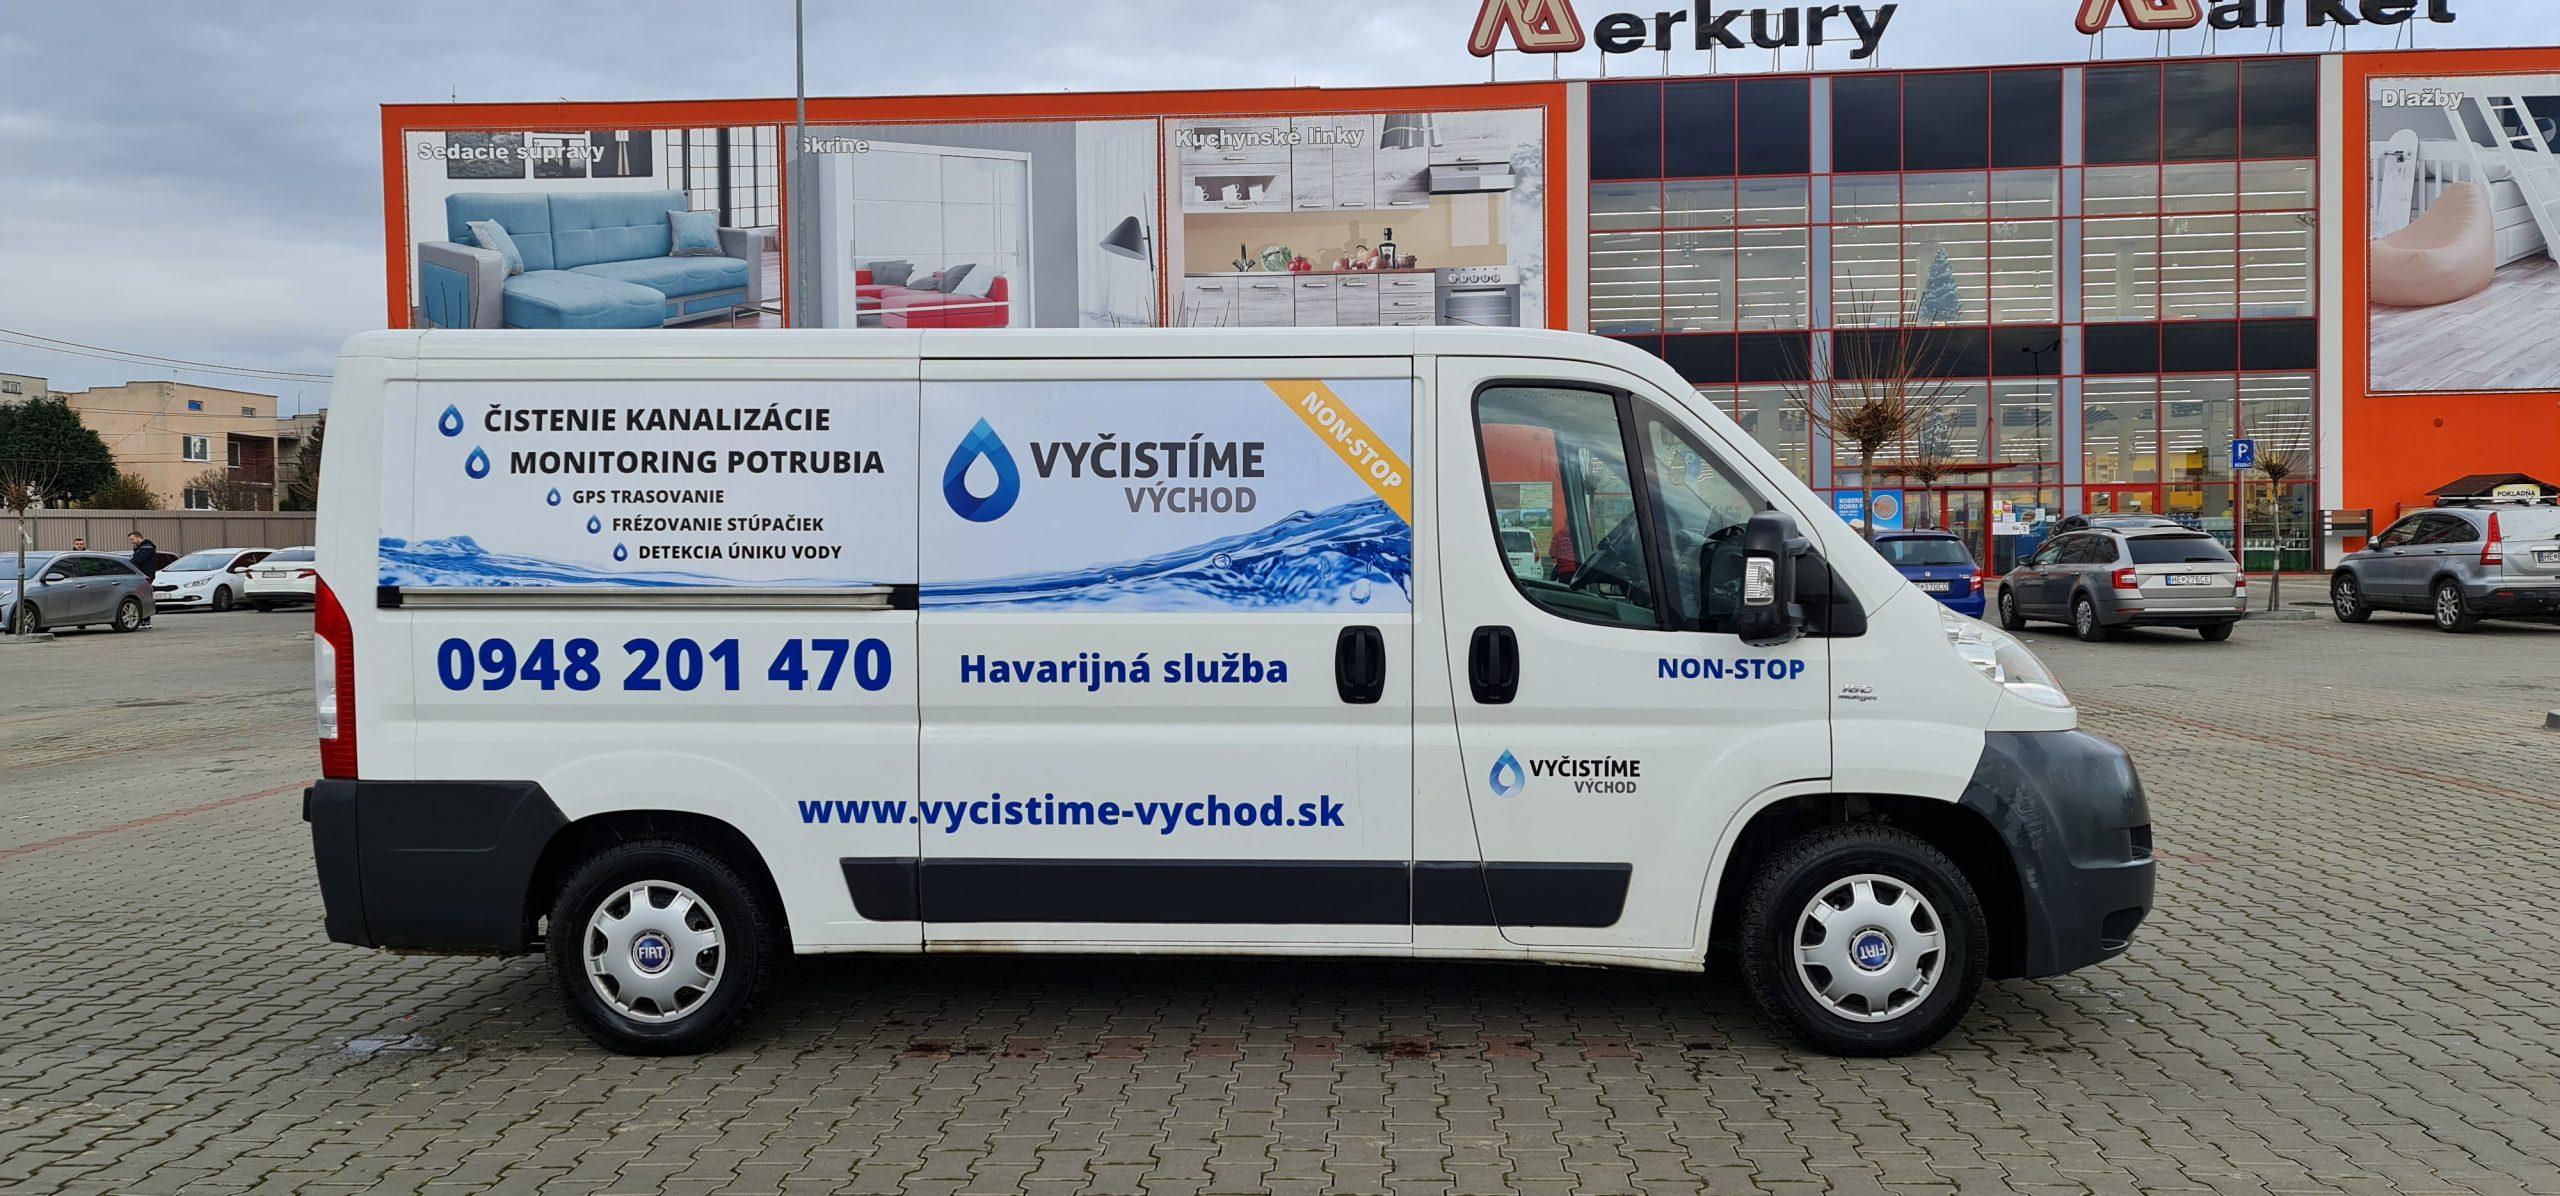 Vyčistíme Východ - čistenie a revízia kanalizácií a potrubia